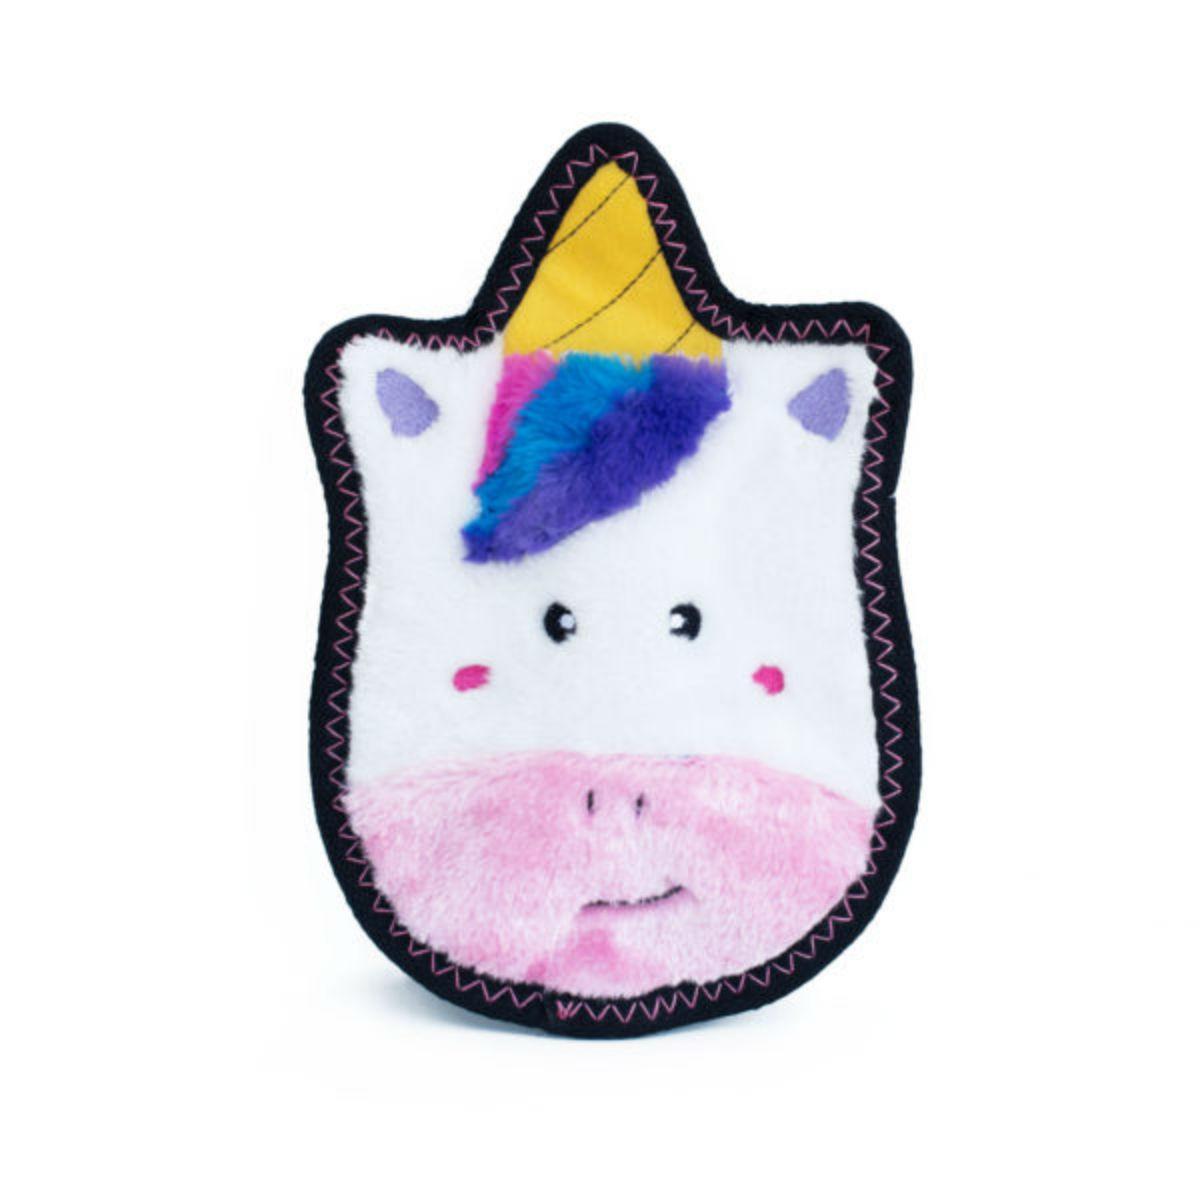 ZippyPaws Z-Stitch Unicorn Dog Toy